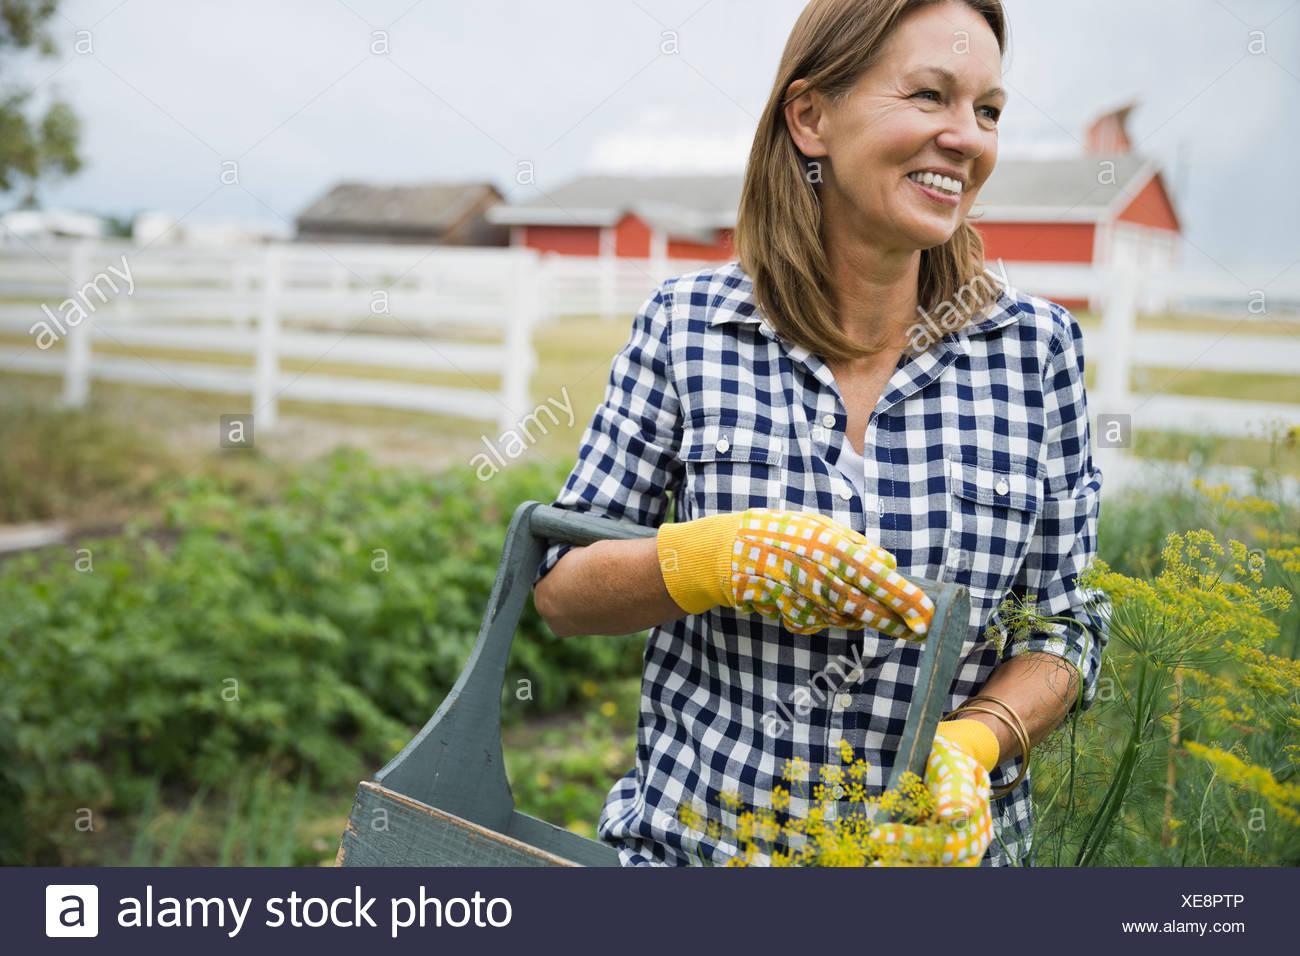 Woman standing in garden - Stock Image